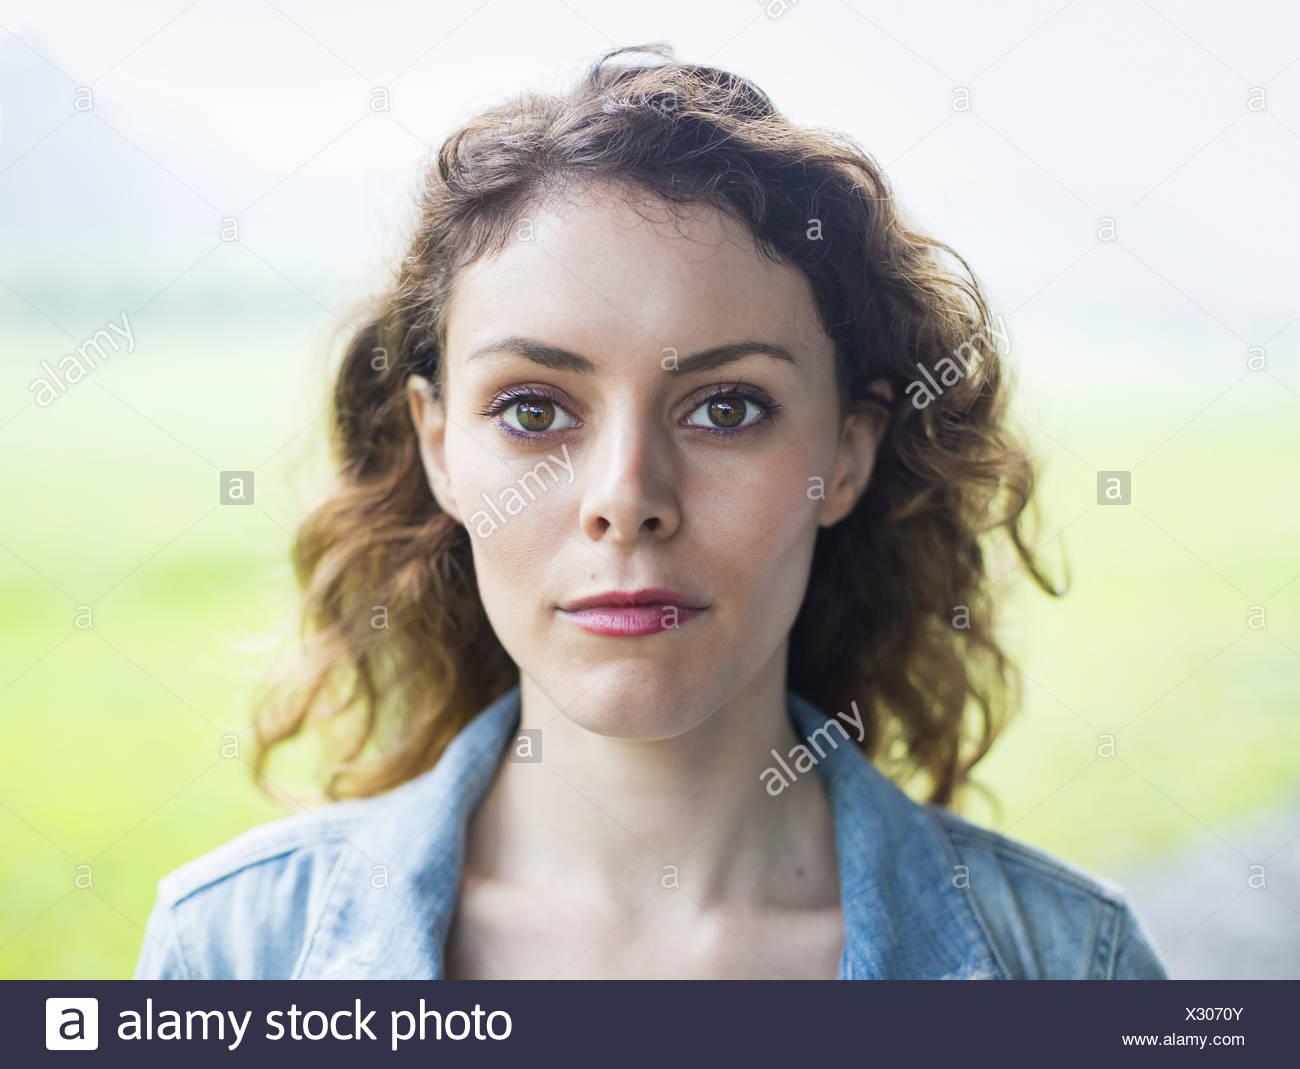 Una joven en un paisaje rural con el cabello rizado de viento. Imagen De Stock